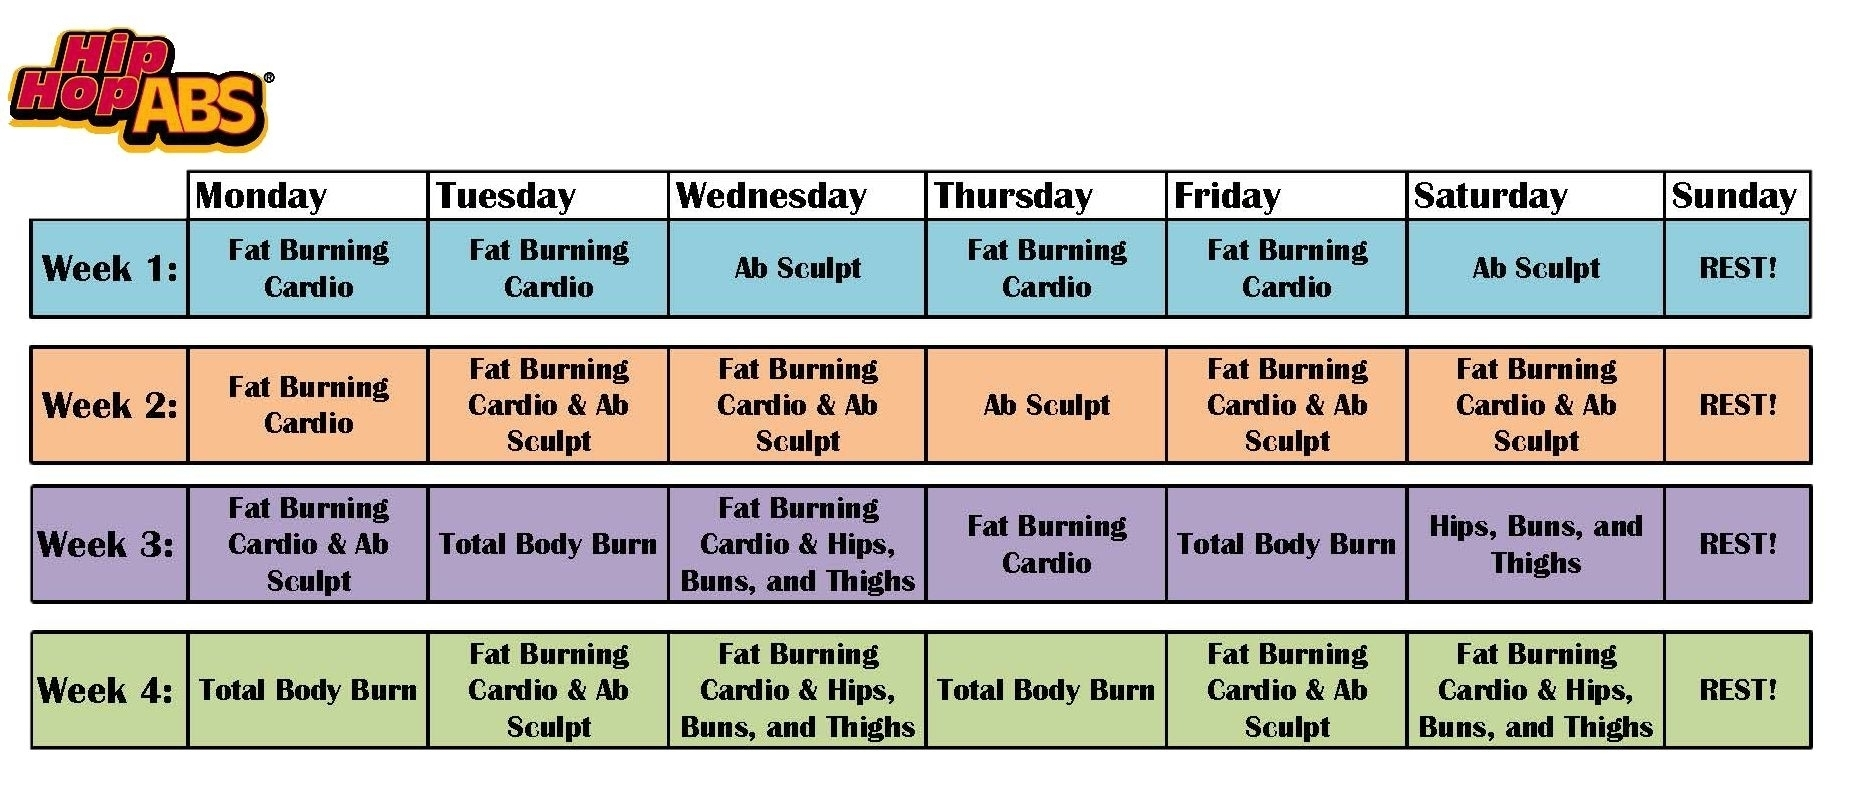 Shaun T Hip Hop Abs Schedule - Calendar Inspiration Design